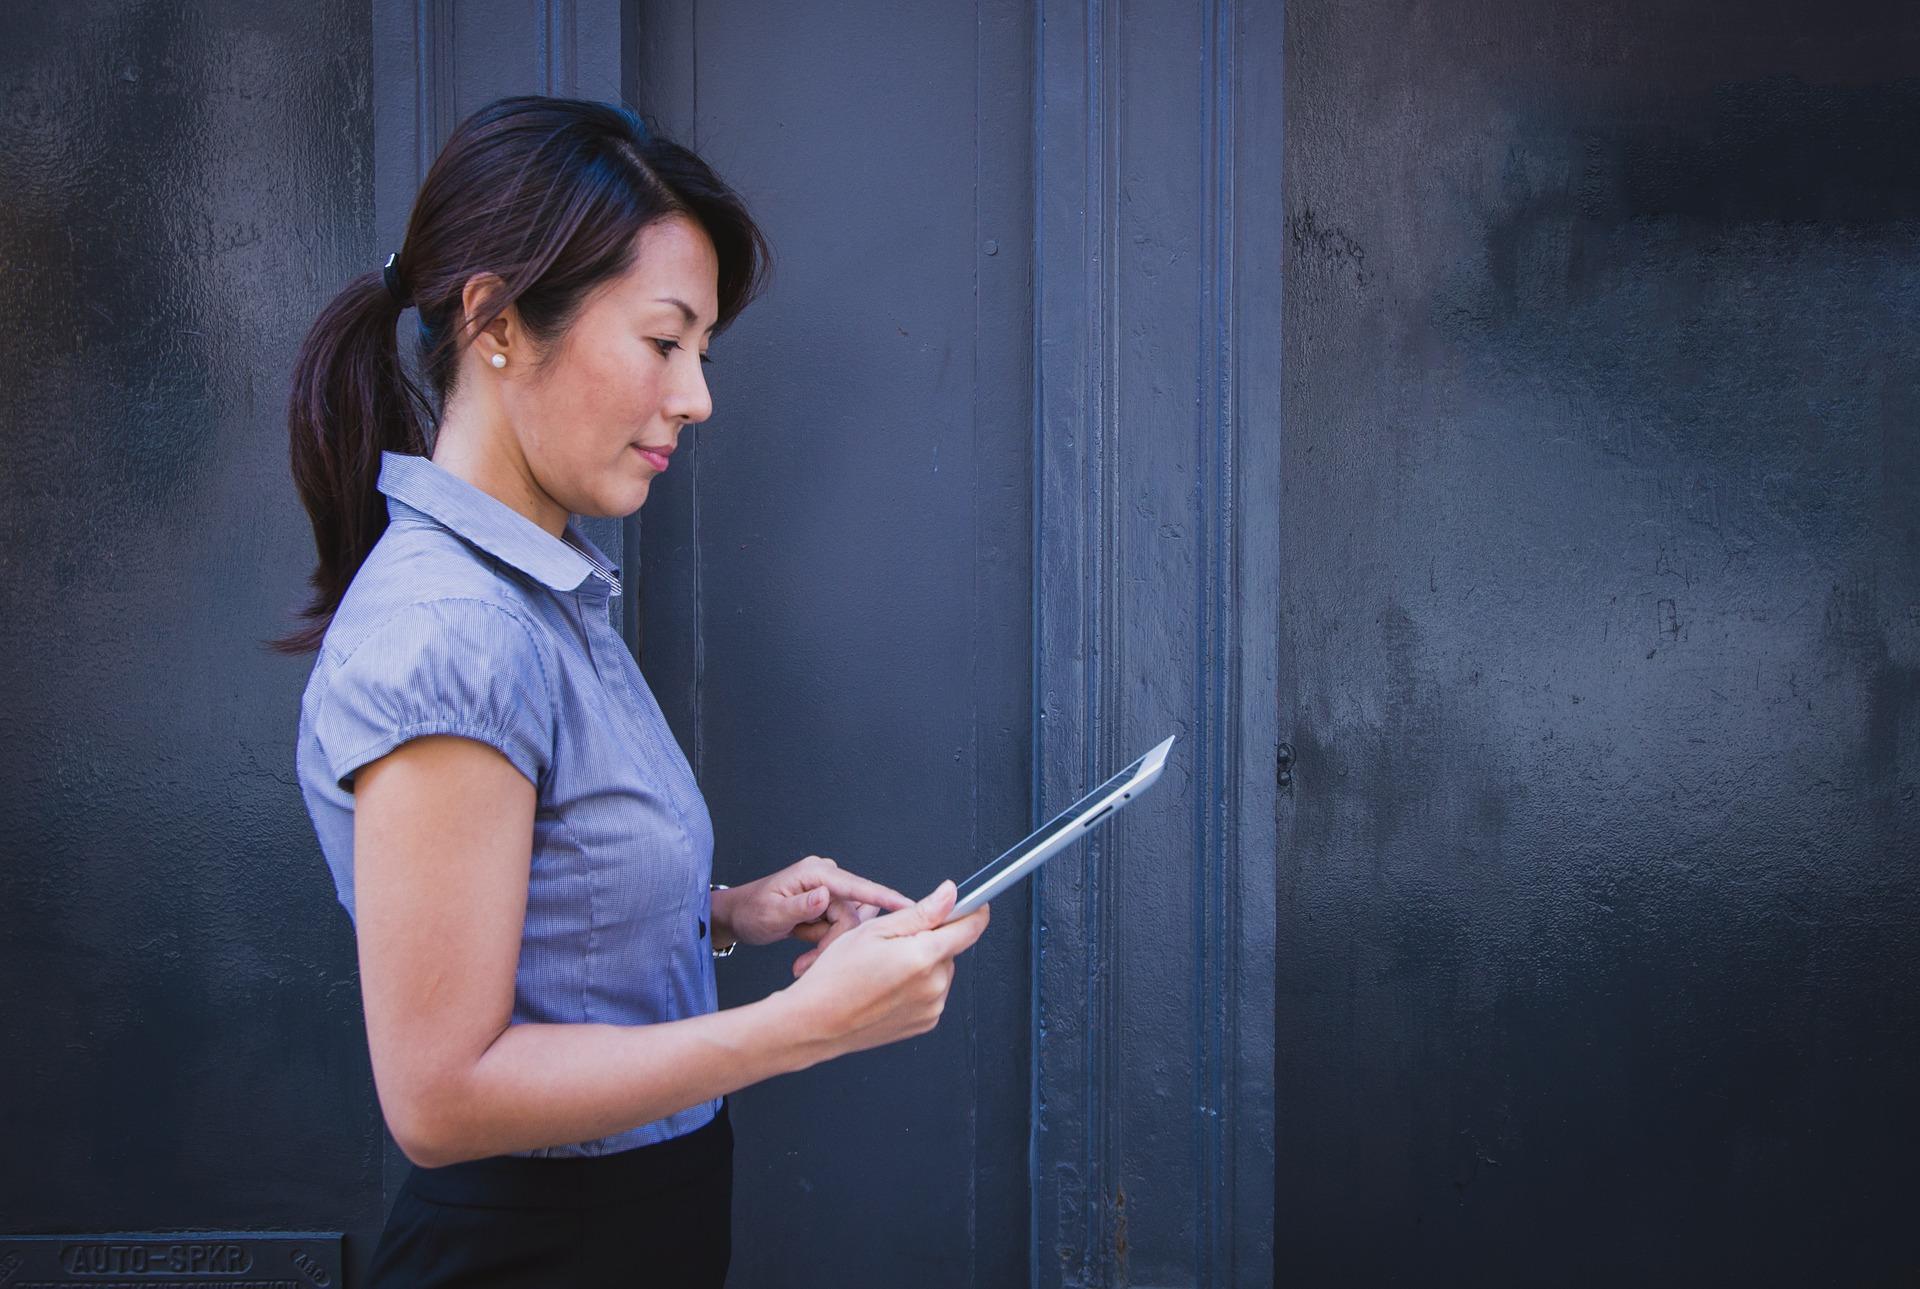 diventrare imprenditrice come fare e dove appoggiarsi per aprire la propria attività